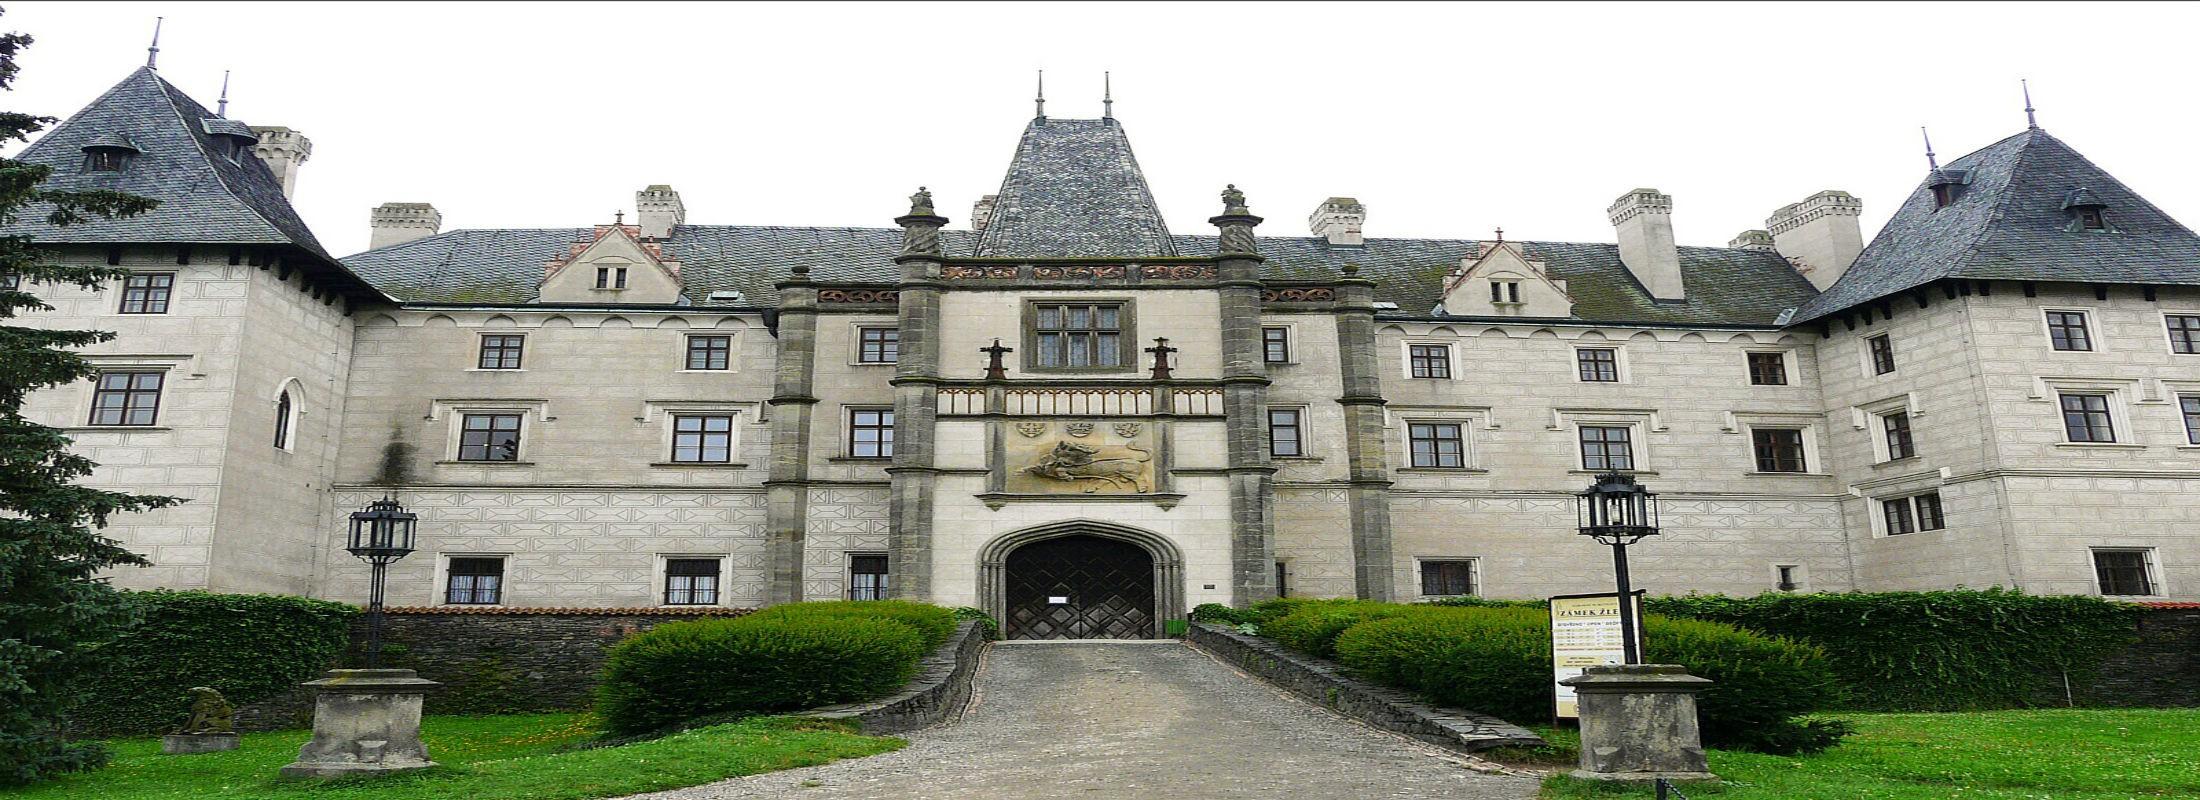 Экскурсия из Праги в замок Жлебы